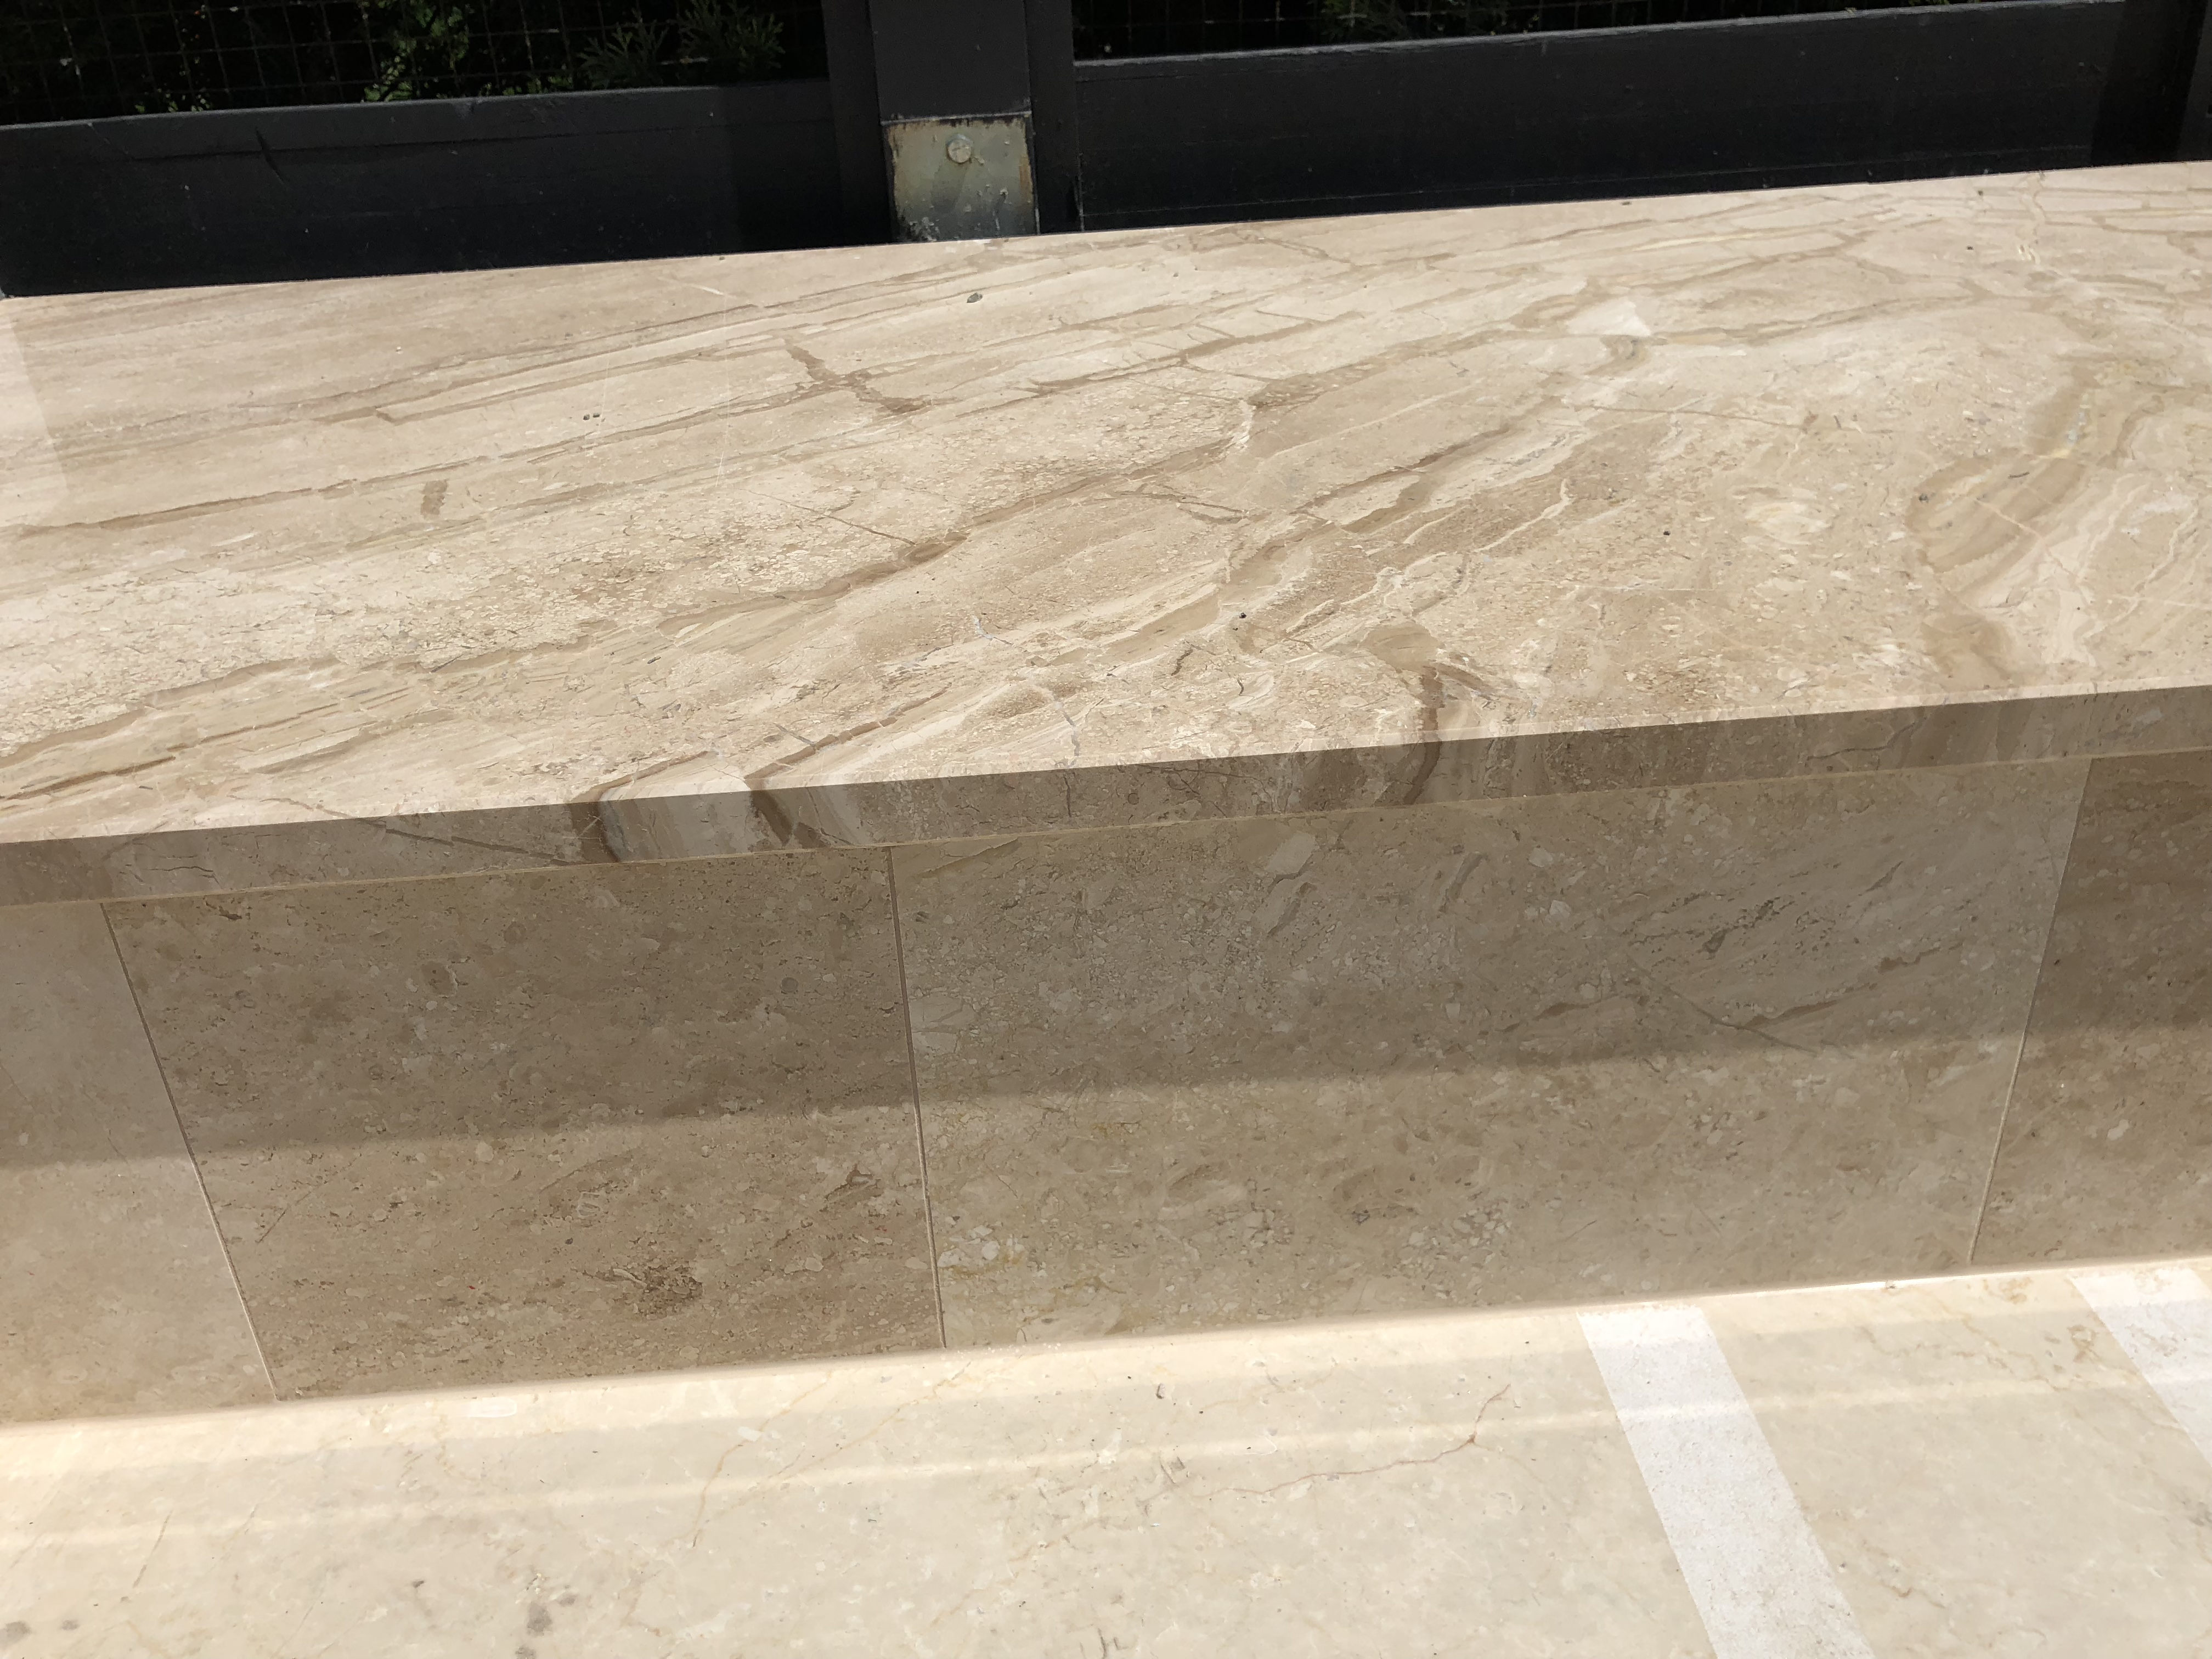 Brecccia Sarda fedlap x 3cm vastagság, 2 oldali megmunkálással, 2 oldali vízorral, fényes felülettel